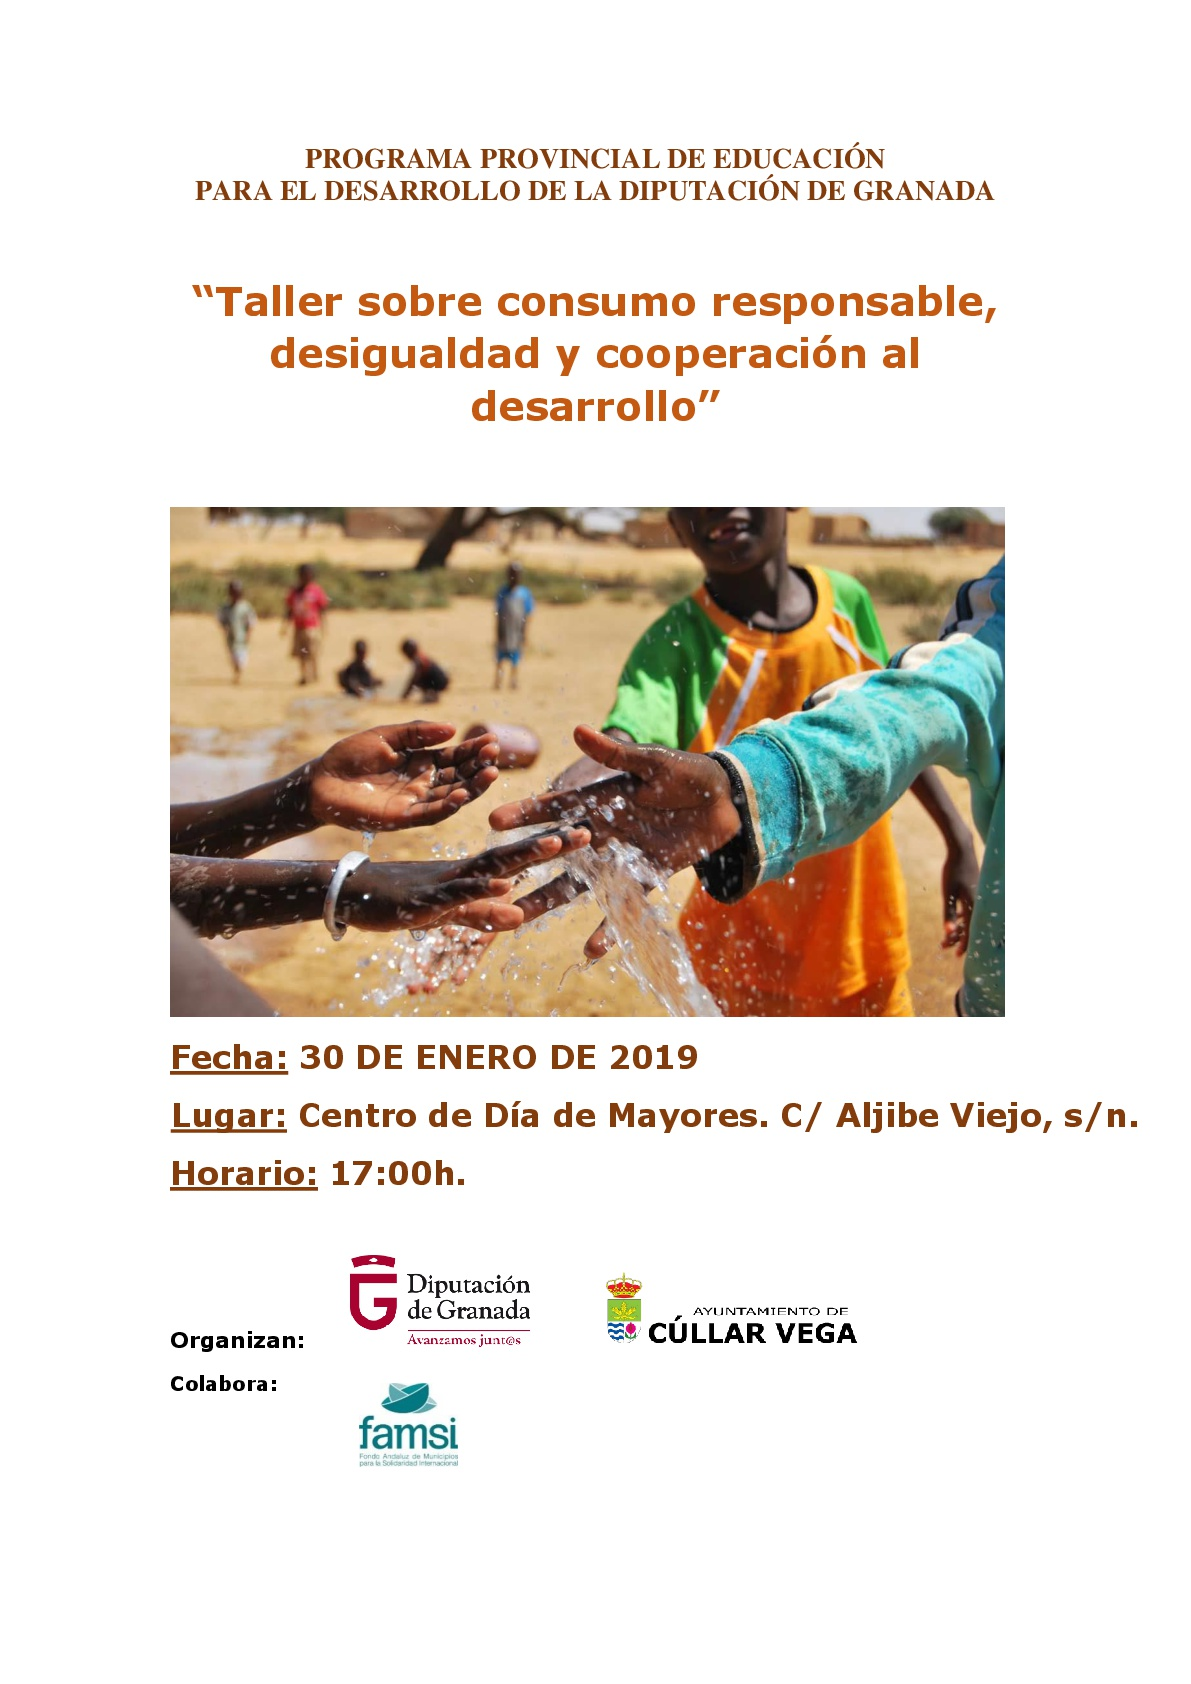 Taller sobre consumo responsable, desigualdad y cooperación al desarrollo en el Centro de Día